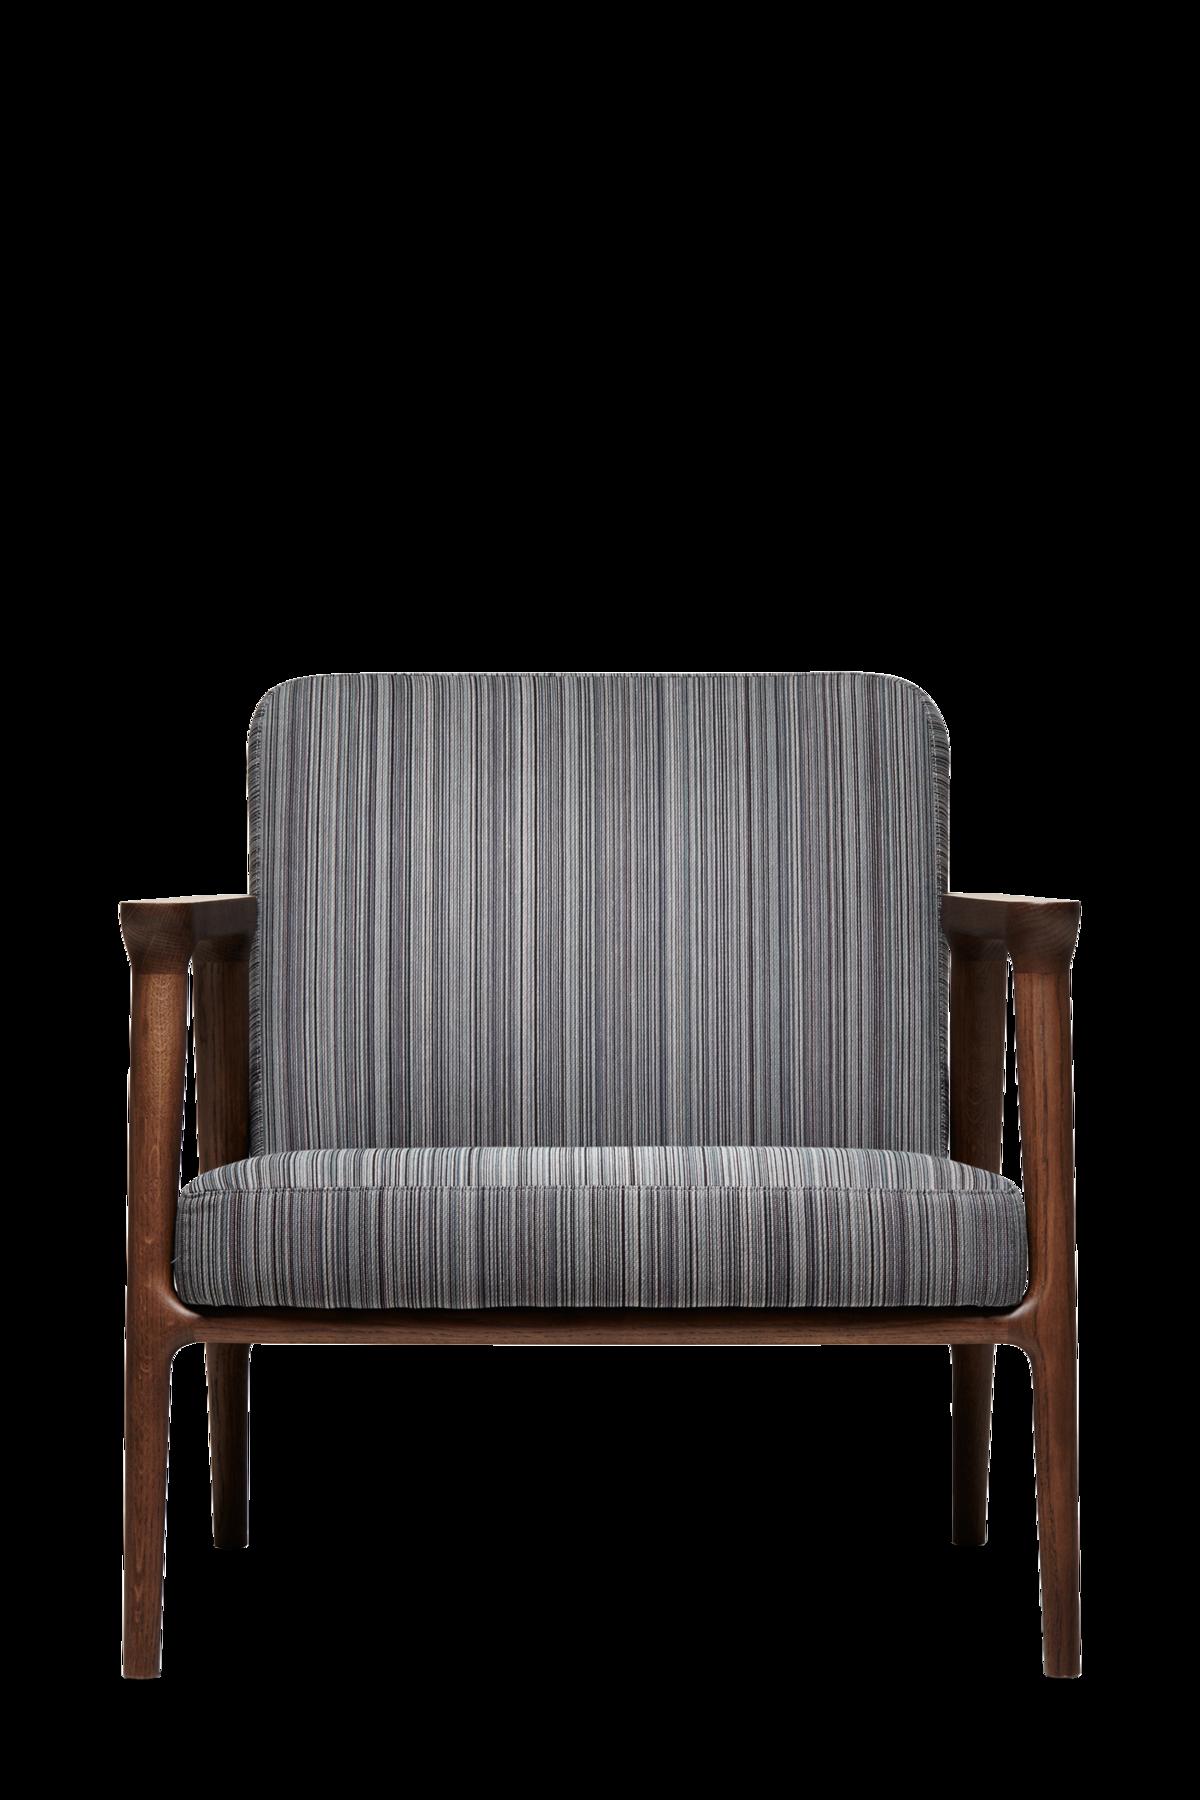 Groovy Moooi Zio Lounge Chair Creativecarmelina Interior Chair Design Creativecarmelinacom